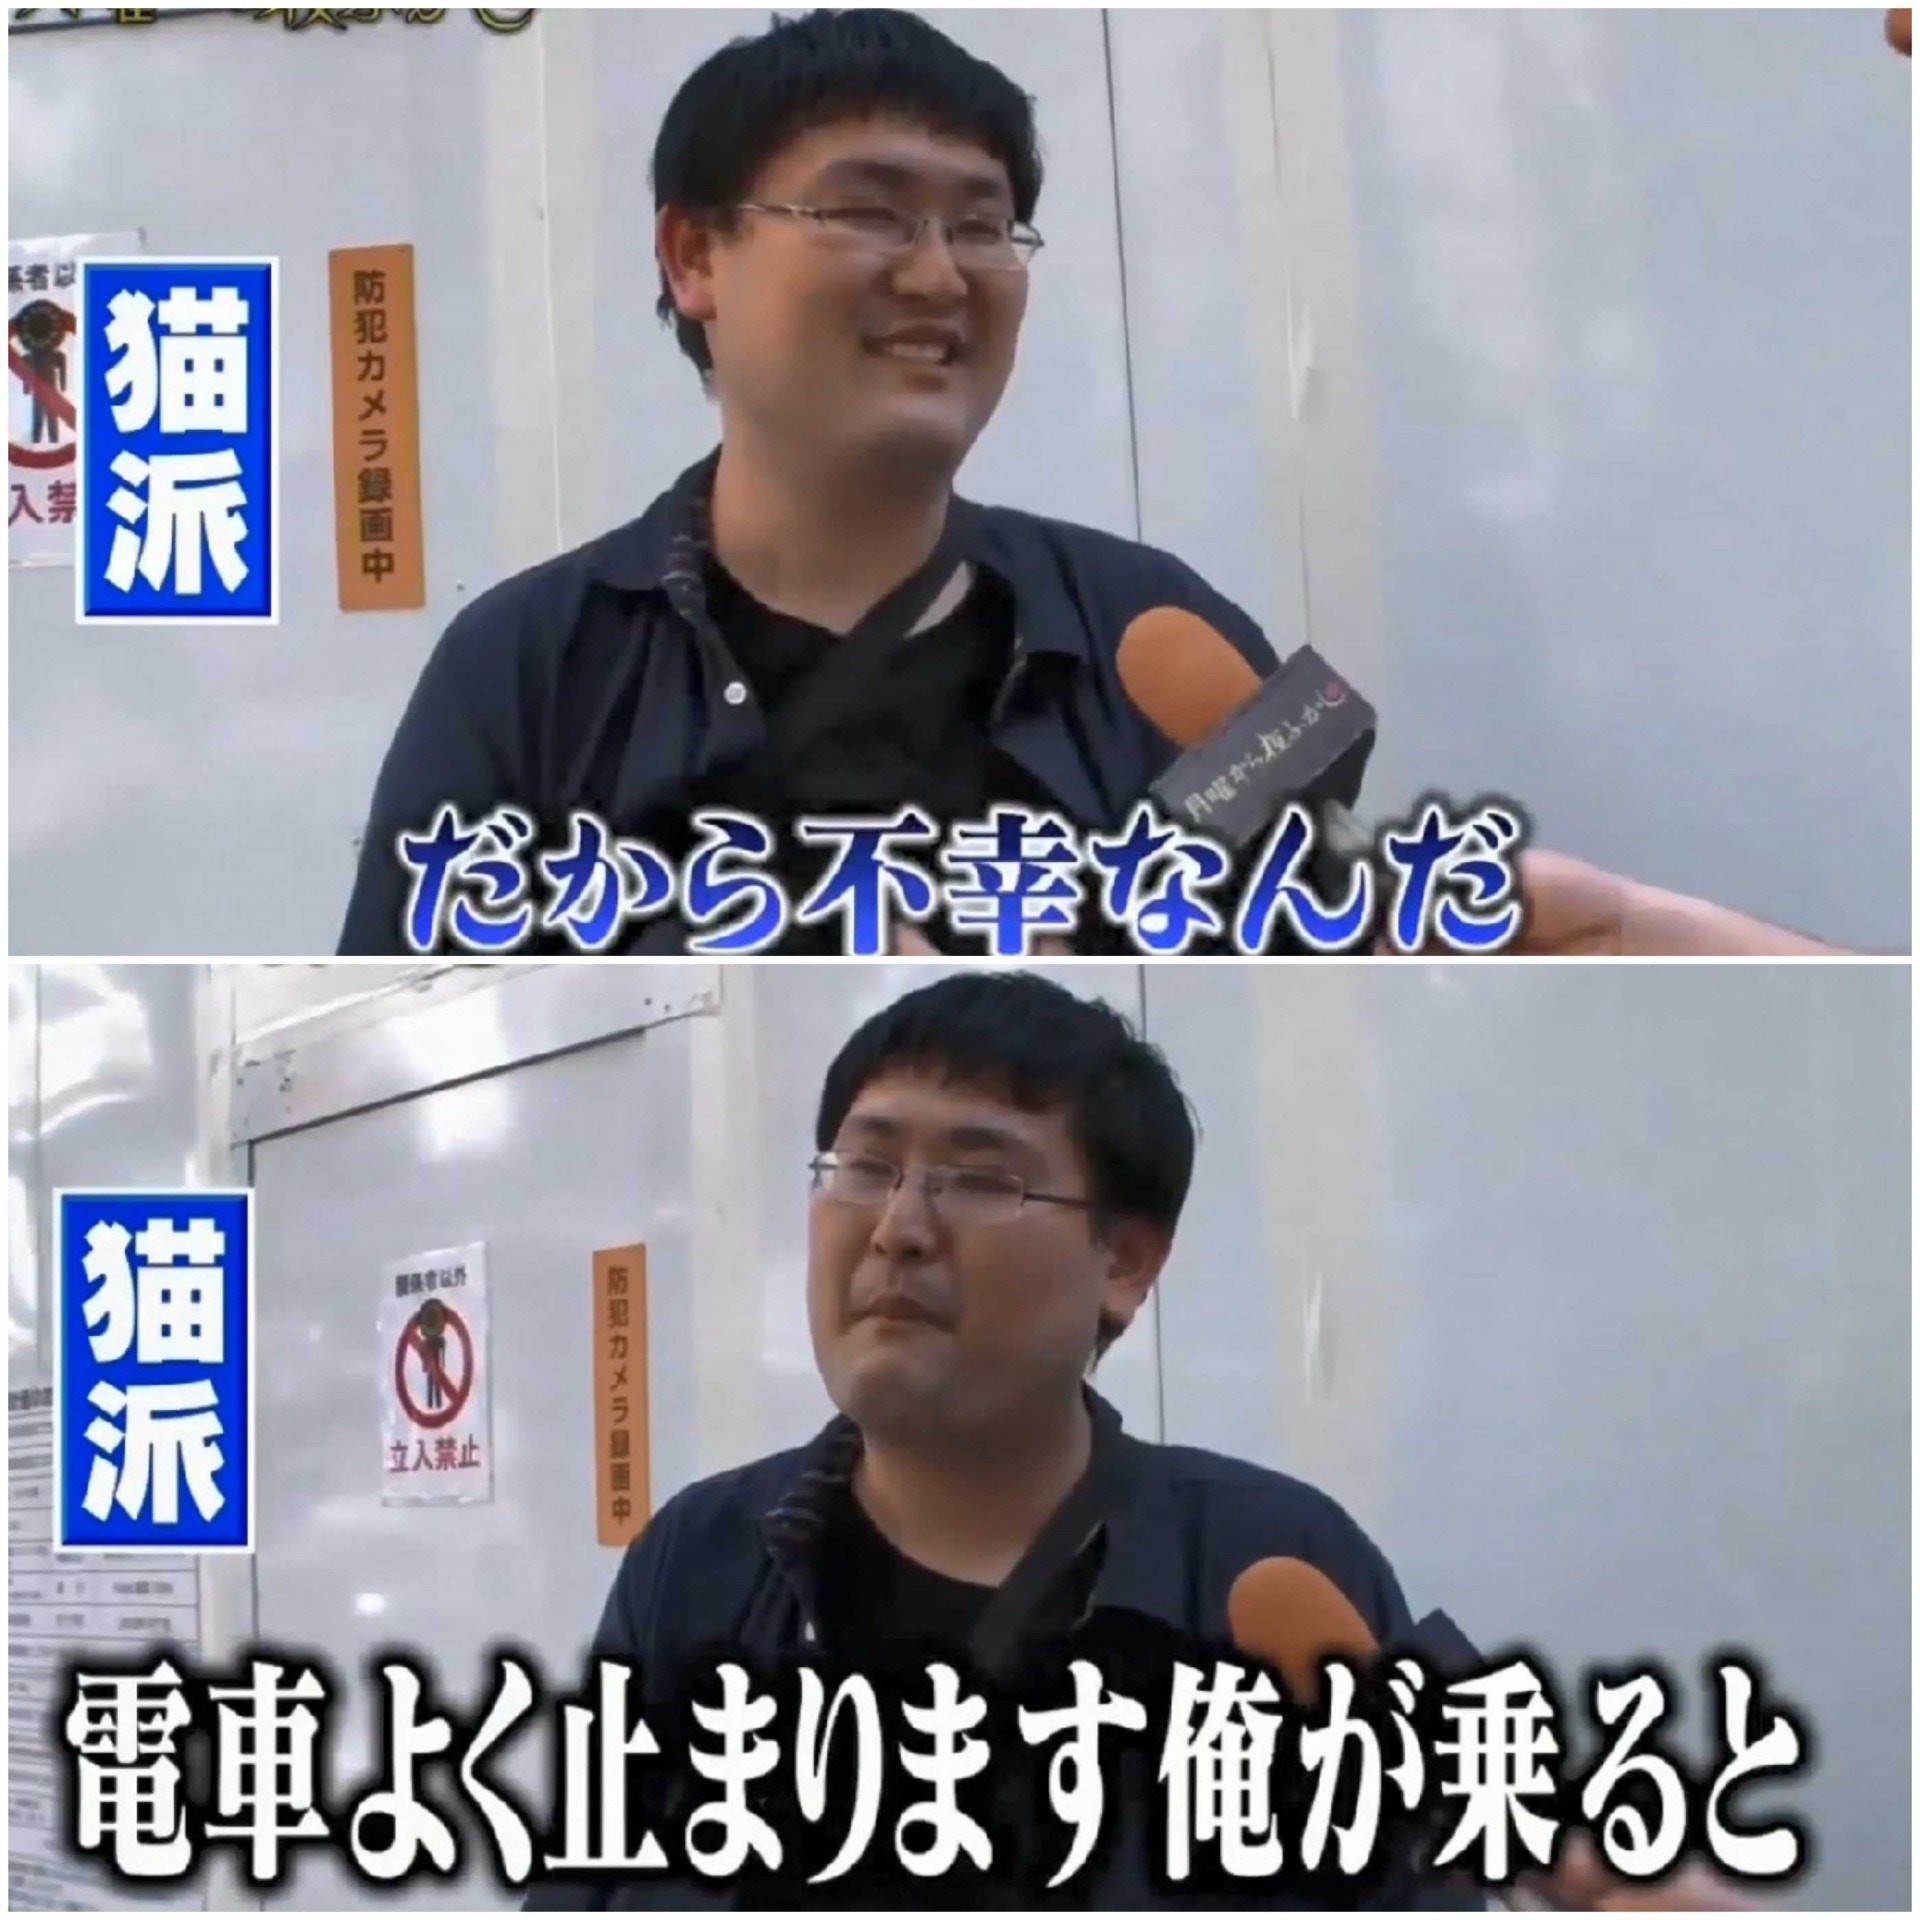 大檸檬用圖(圖/翻攝自日本綜藝節目《日曜夜未央》)